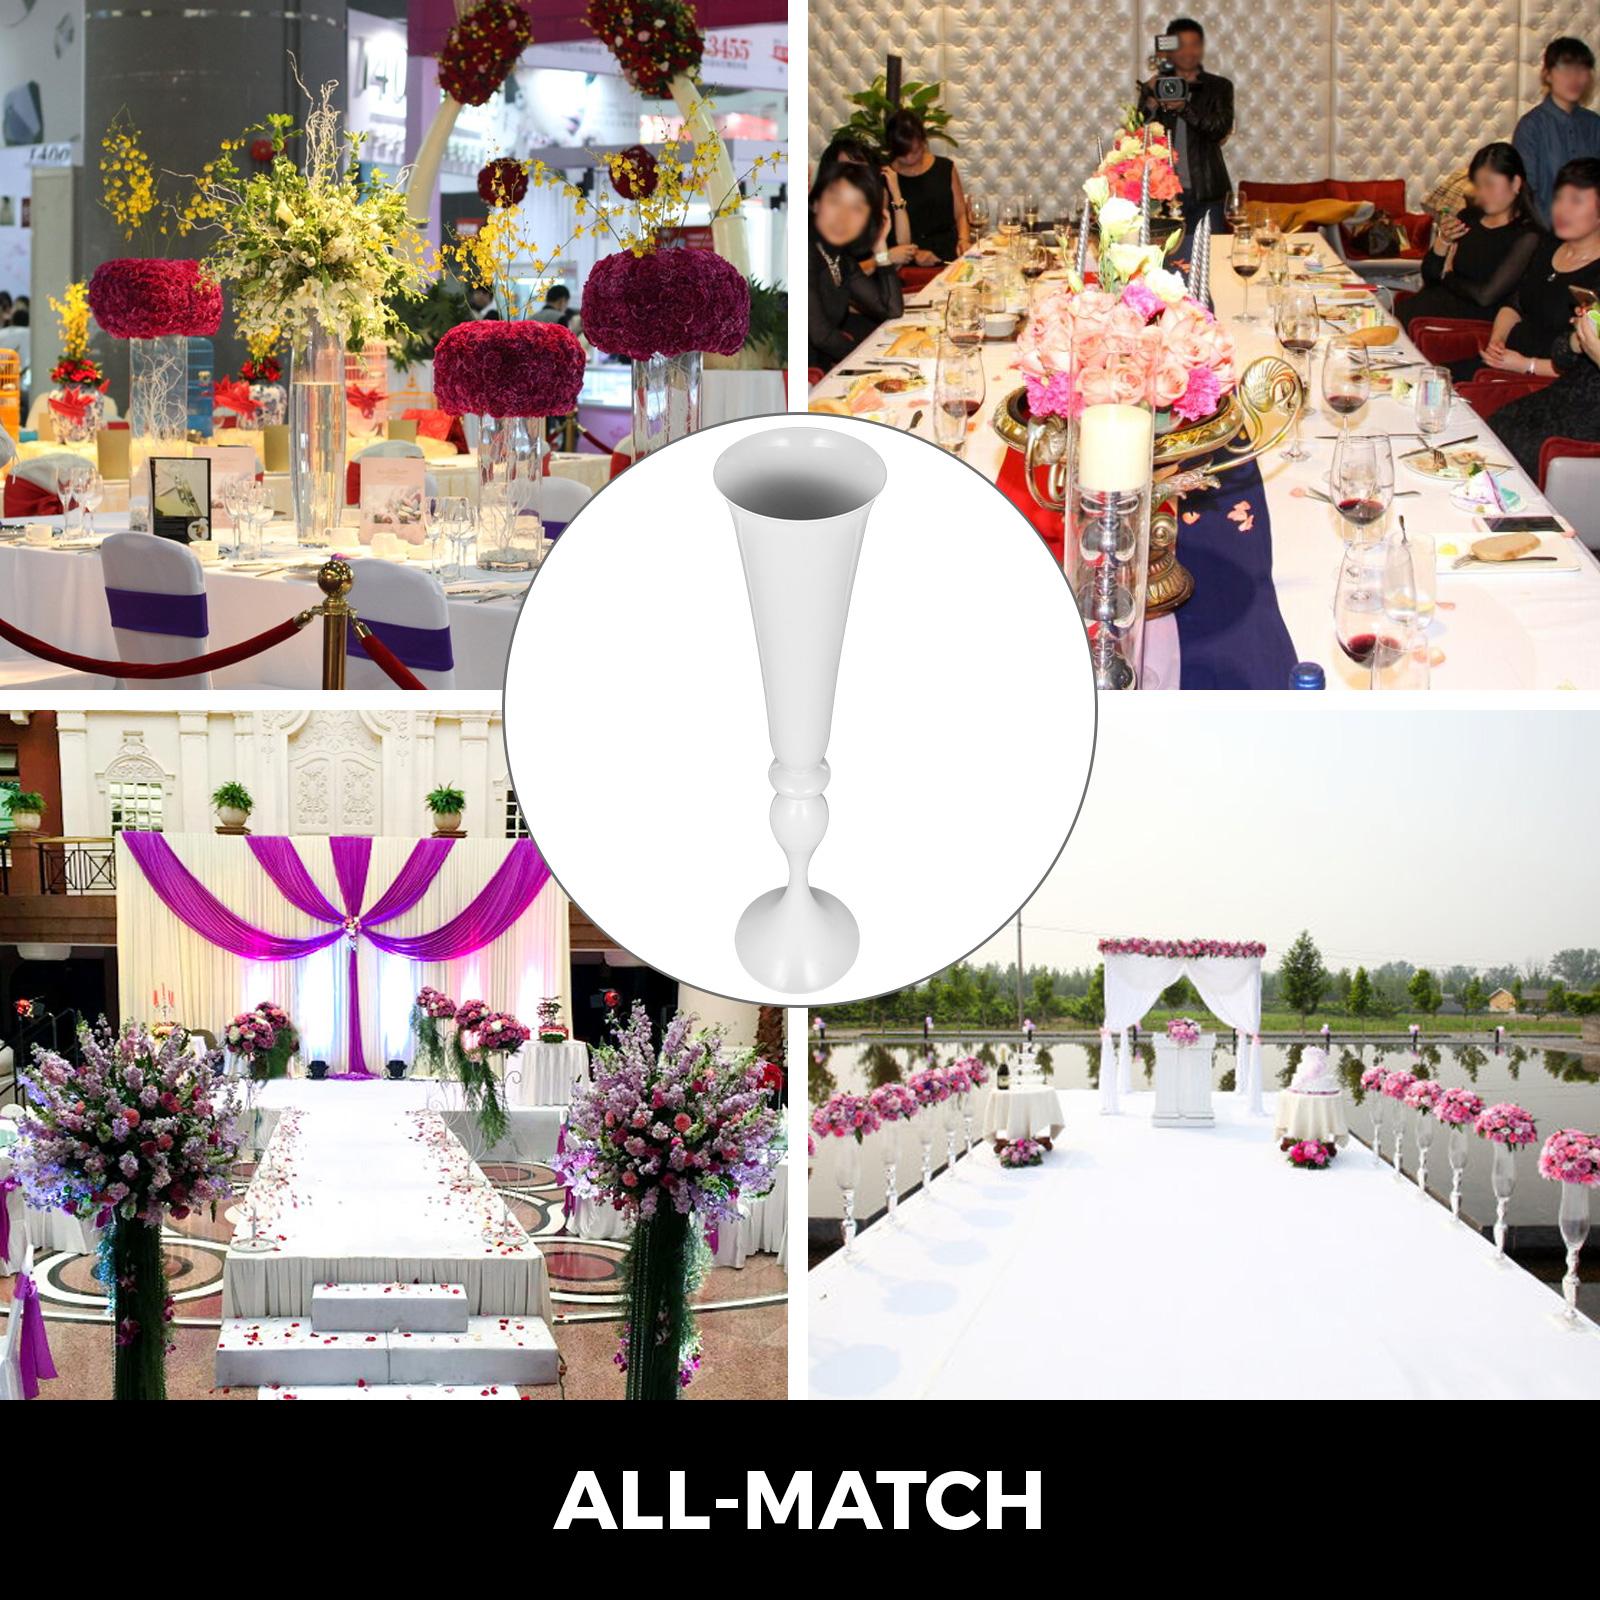 Trumpet-Vase-Flower-Vases-Centerpiece-29-5-034-22-034-for-Party-Celebration-Events thumbnail 79